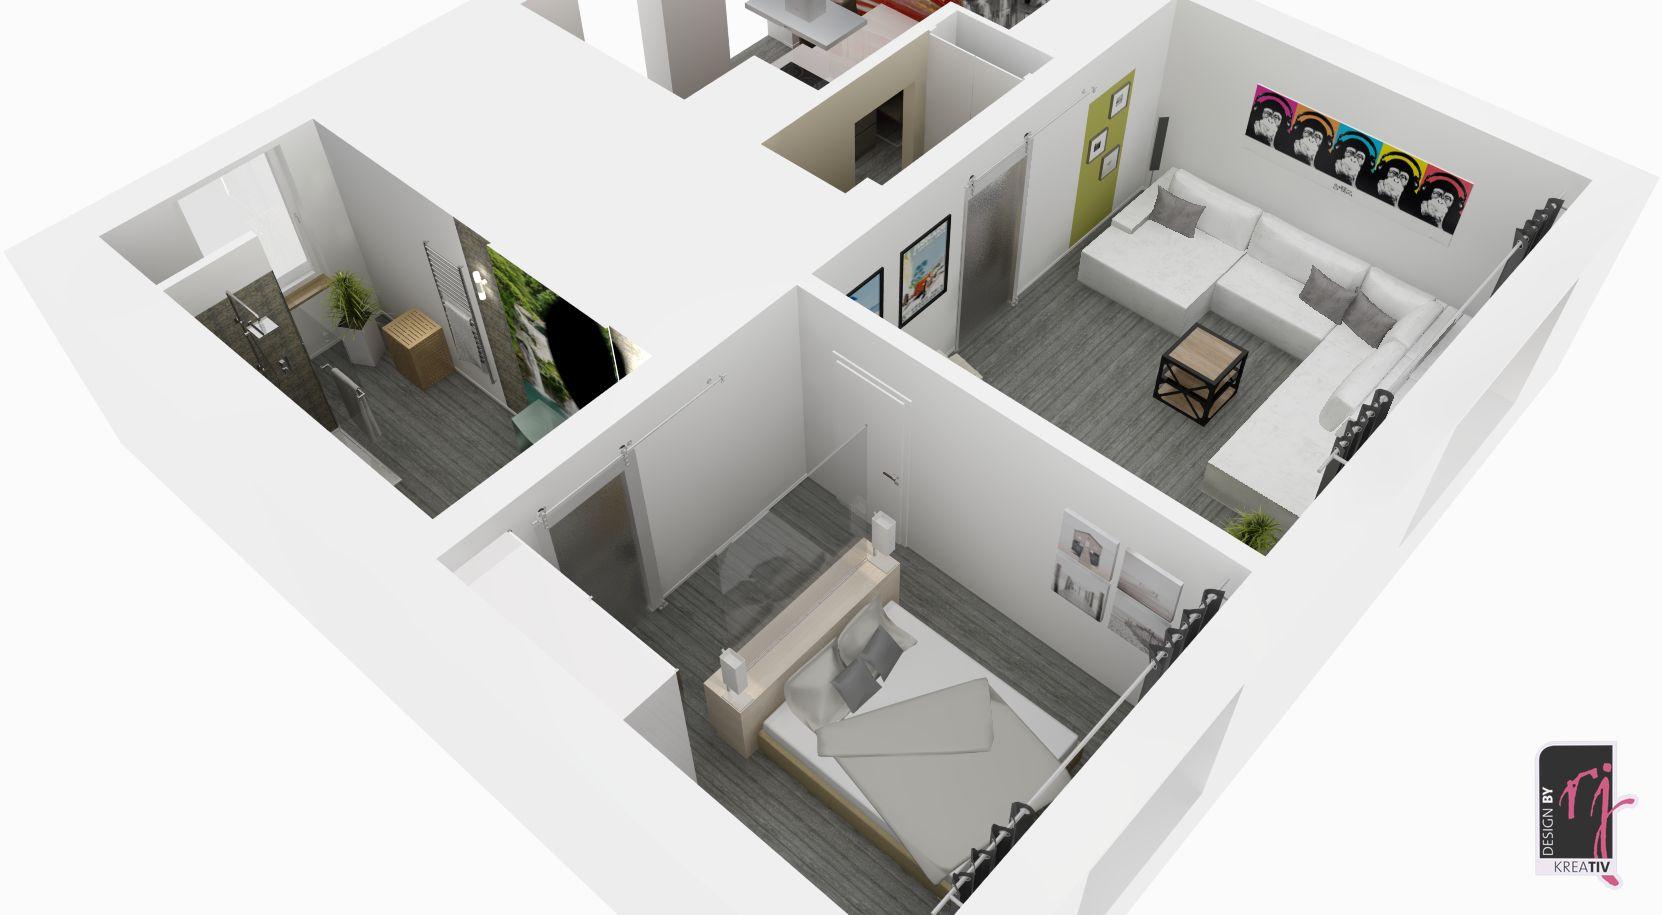 Wohnung Planung Wohnung Planen Kostenlos Luxus Haus Planen Line